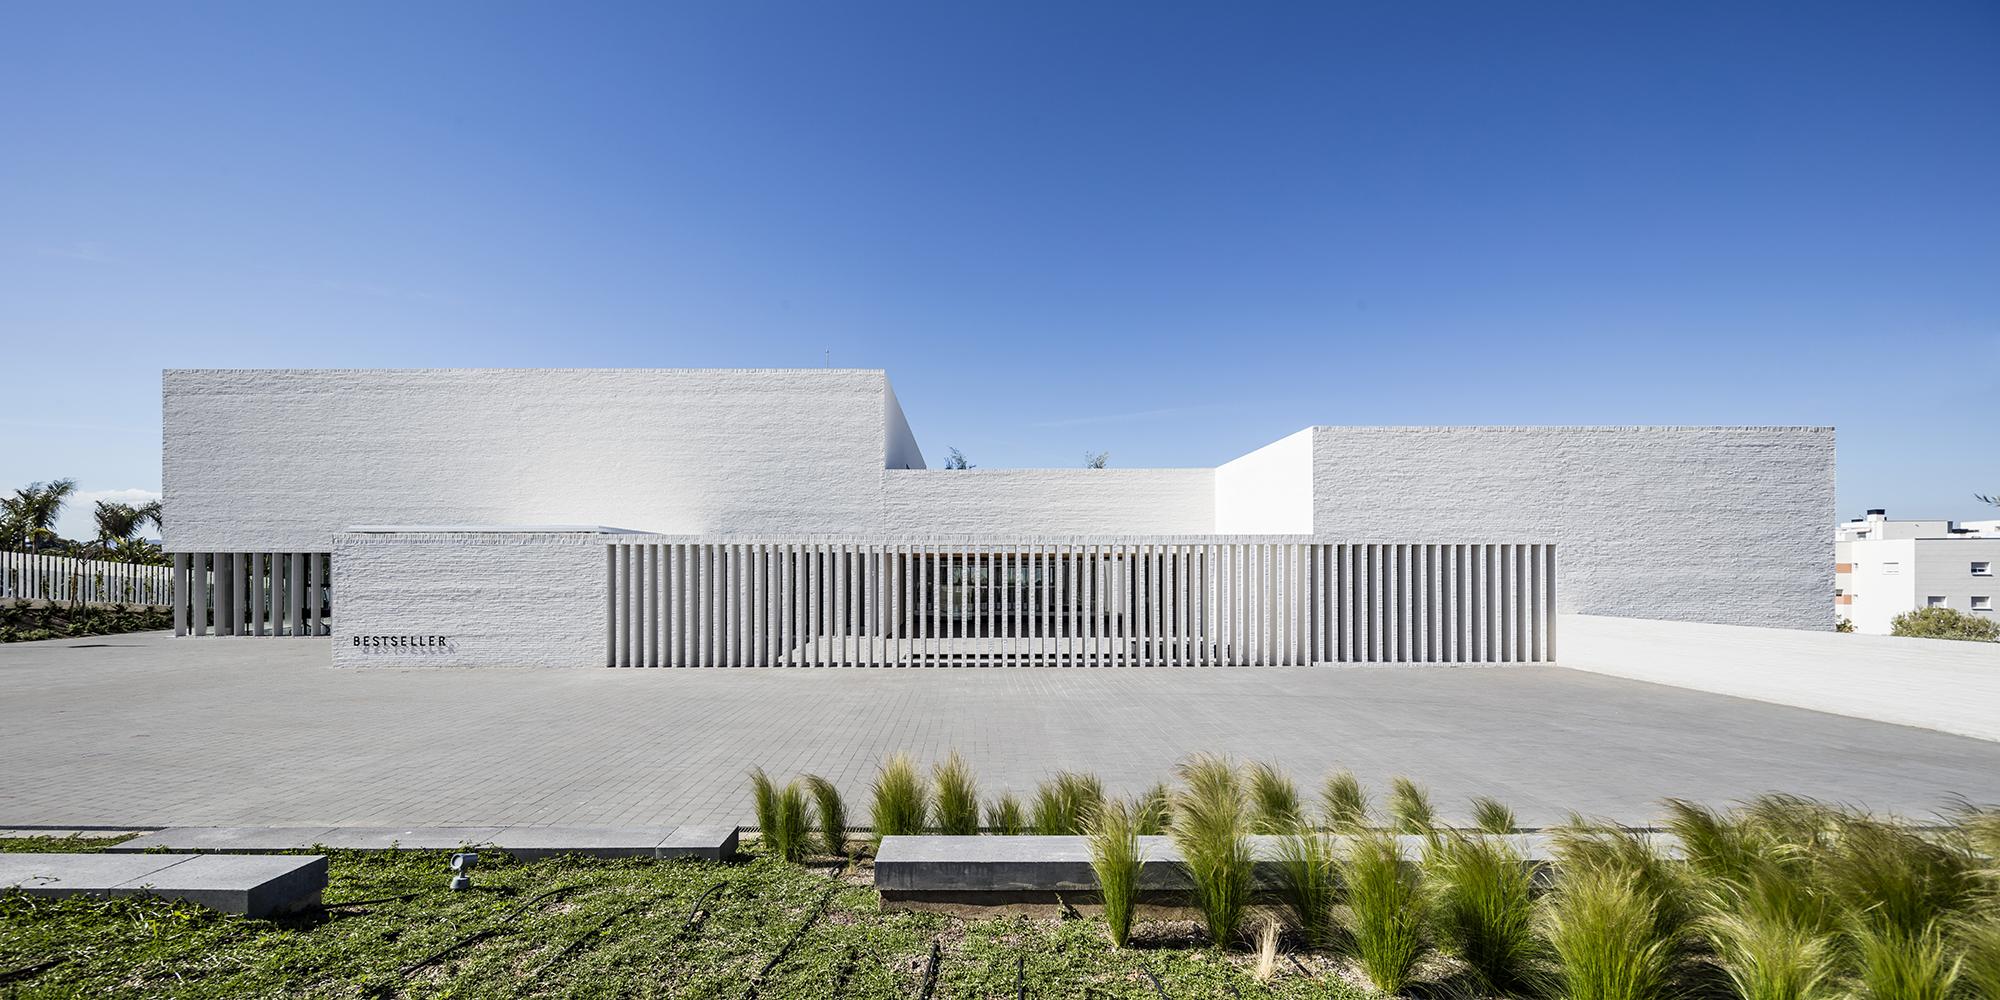 Nueva sede de BestSeller Málaga diseñado por MEHR studio